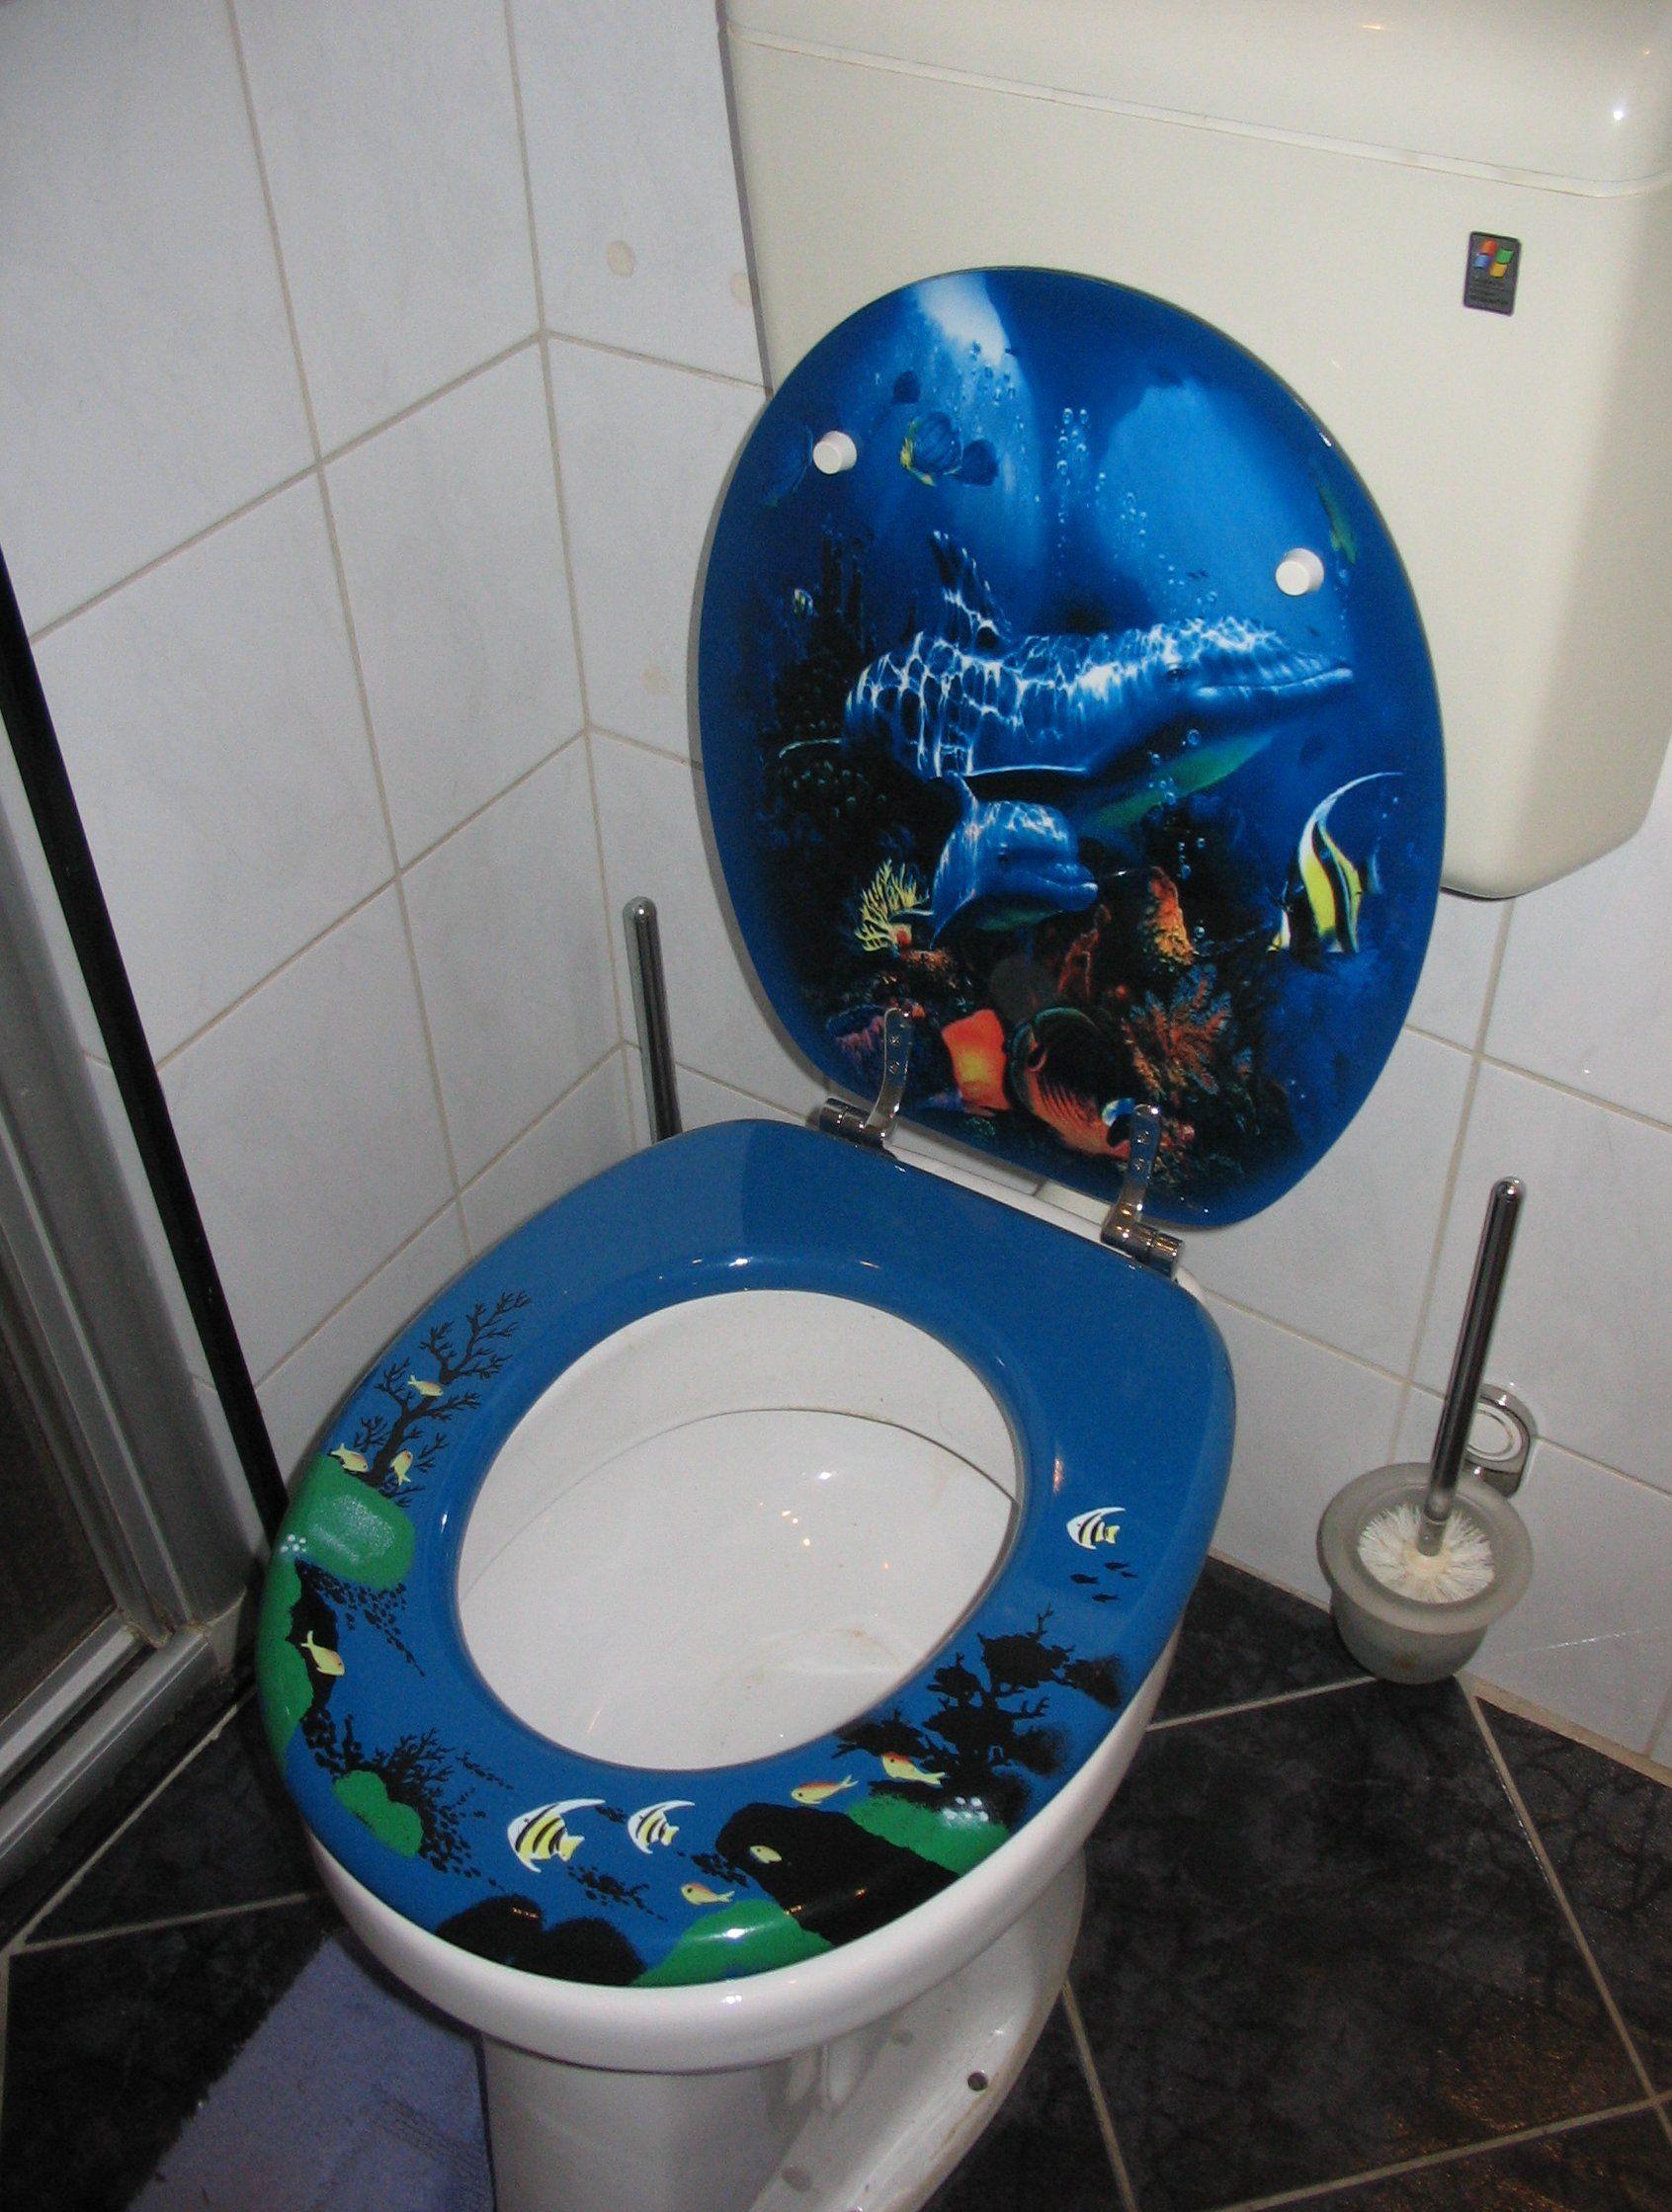 Unique Toilets Original File 1 692 2 239 Pixels File Size 482 Kb Mime Type Basement Bathroom Toilet Funny Toilet Seats